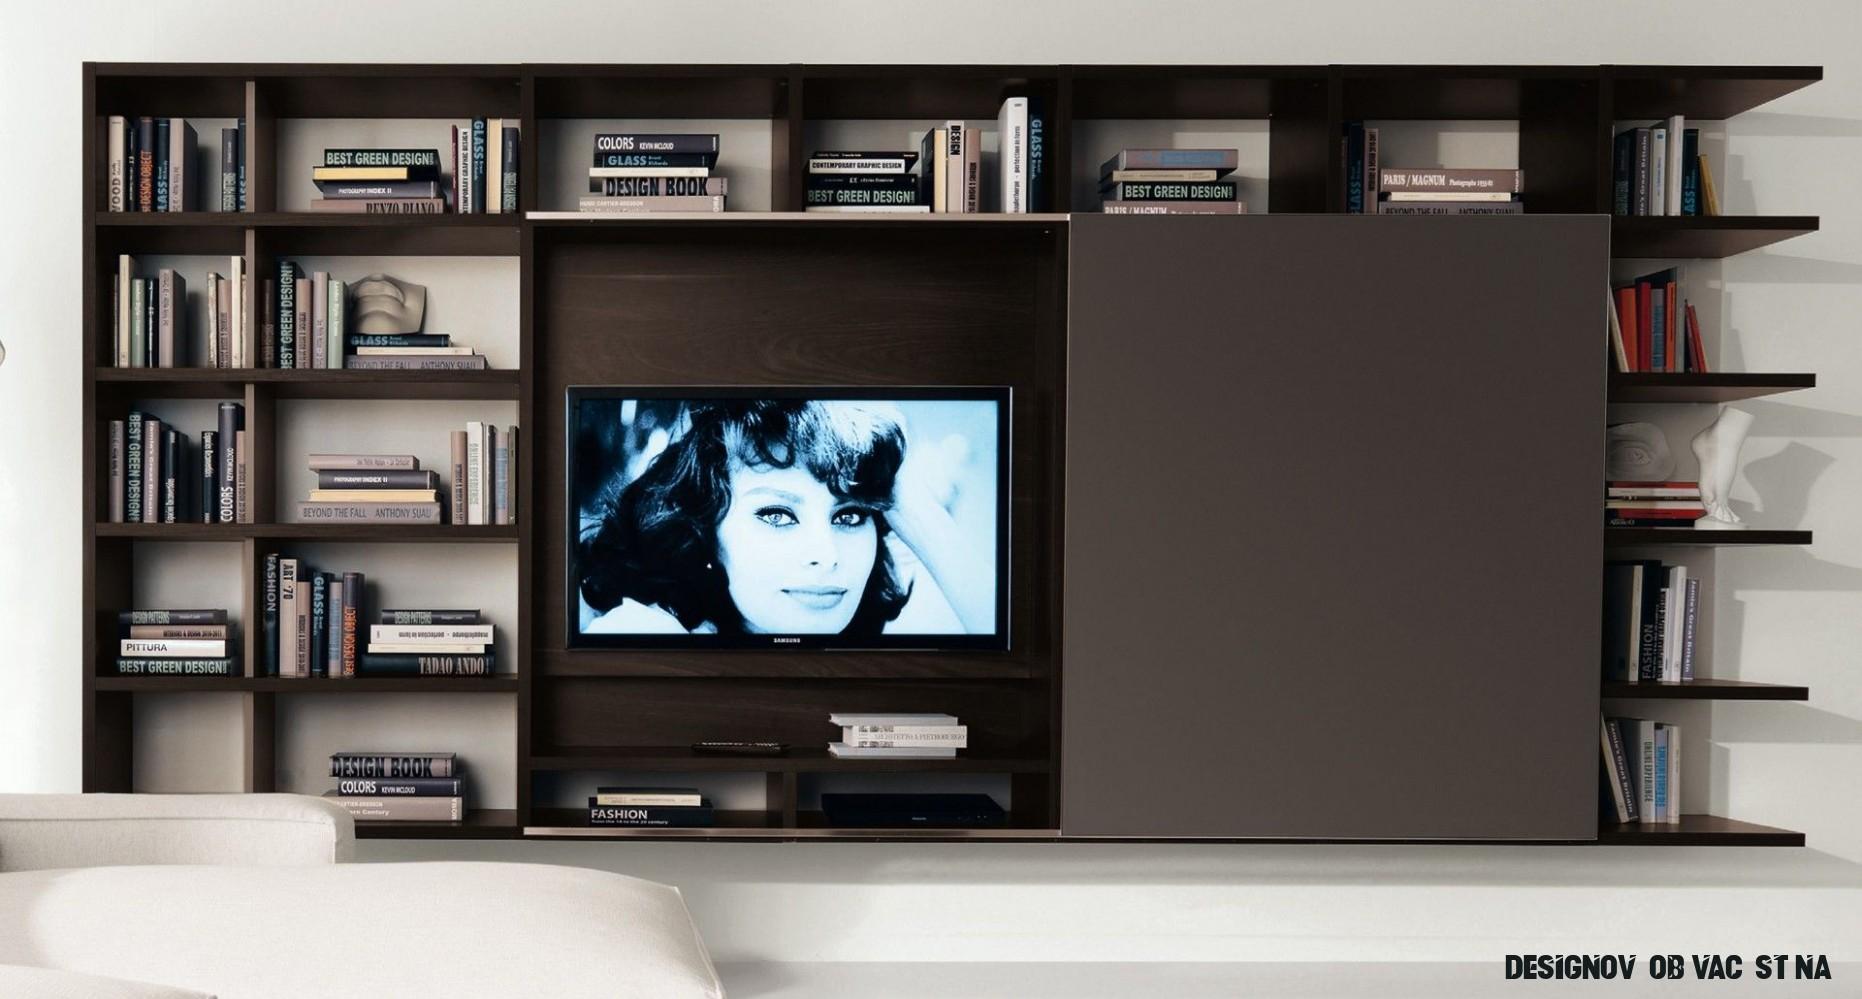 Moderní nábytek do obývacího pokoje, luxusní obývací stěny